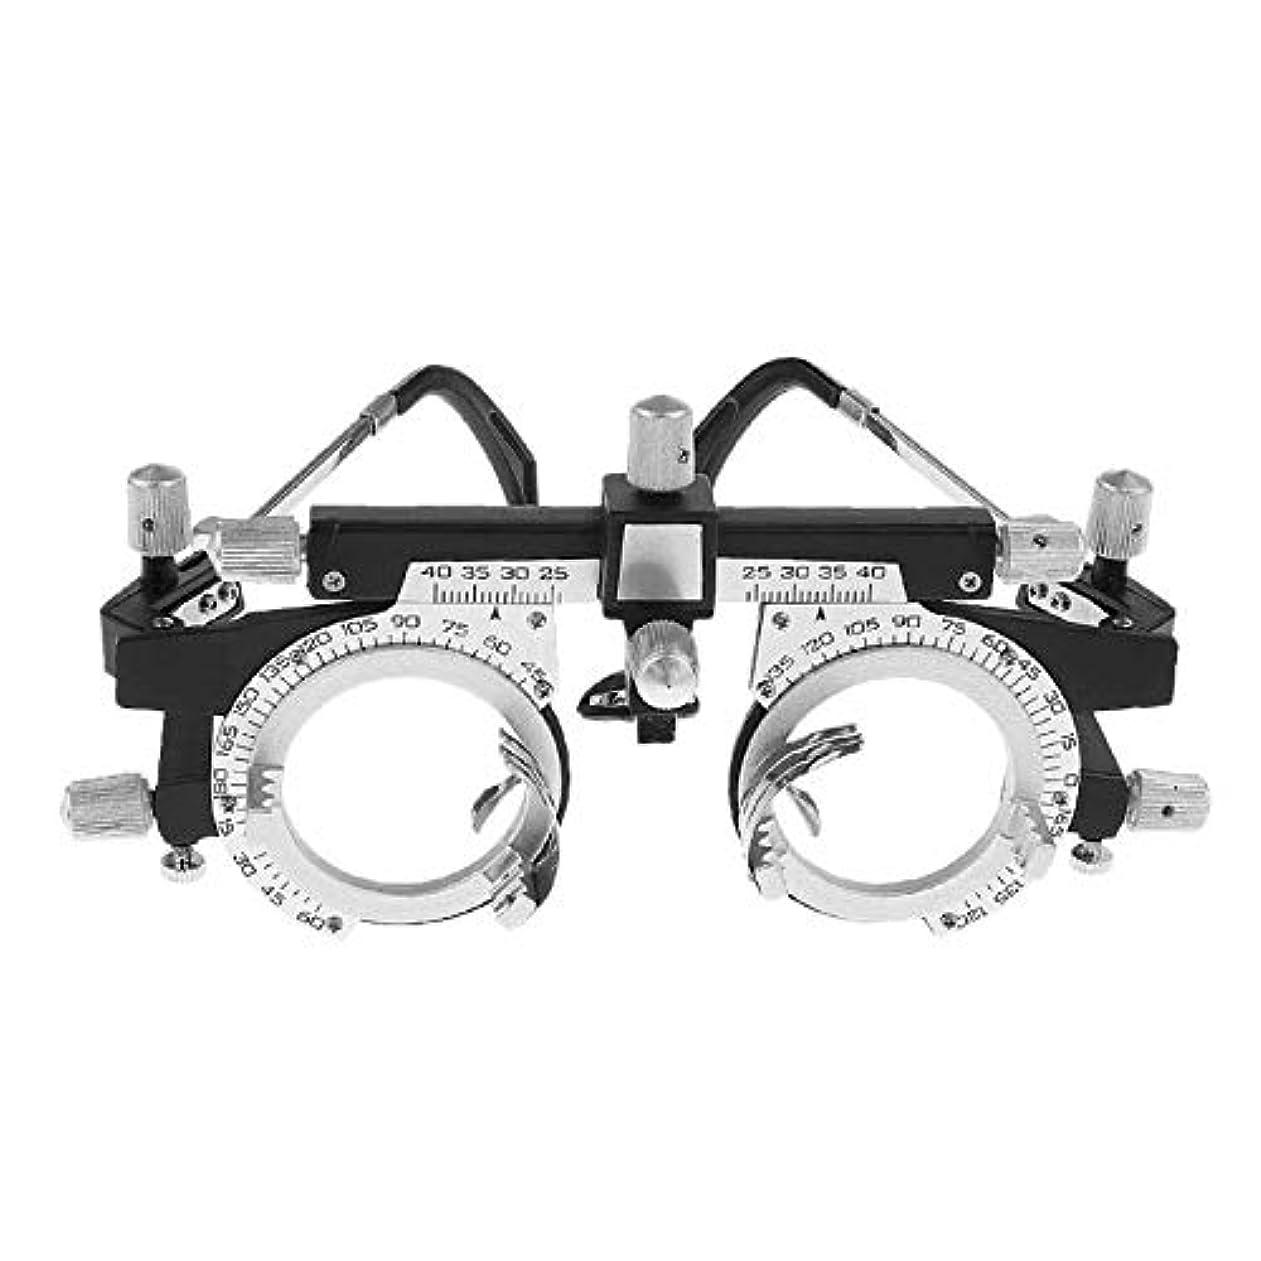 半ば伝染病俳優Bonni 調整可能なプロフェッショナルアイウェア検眼メタルフレーム光学眼鏡眼鏡トライアルレンズメタルフレームPD眼鏡アクセサリー